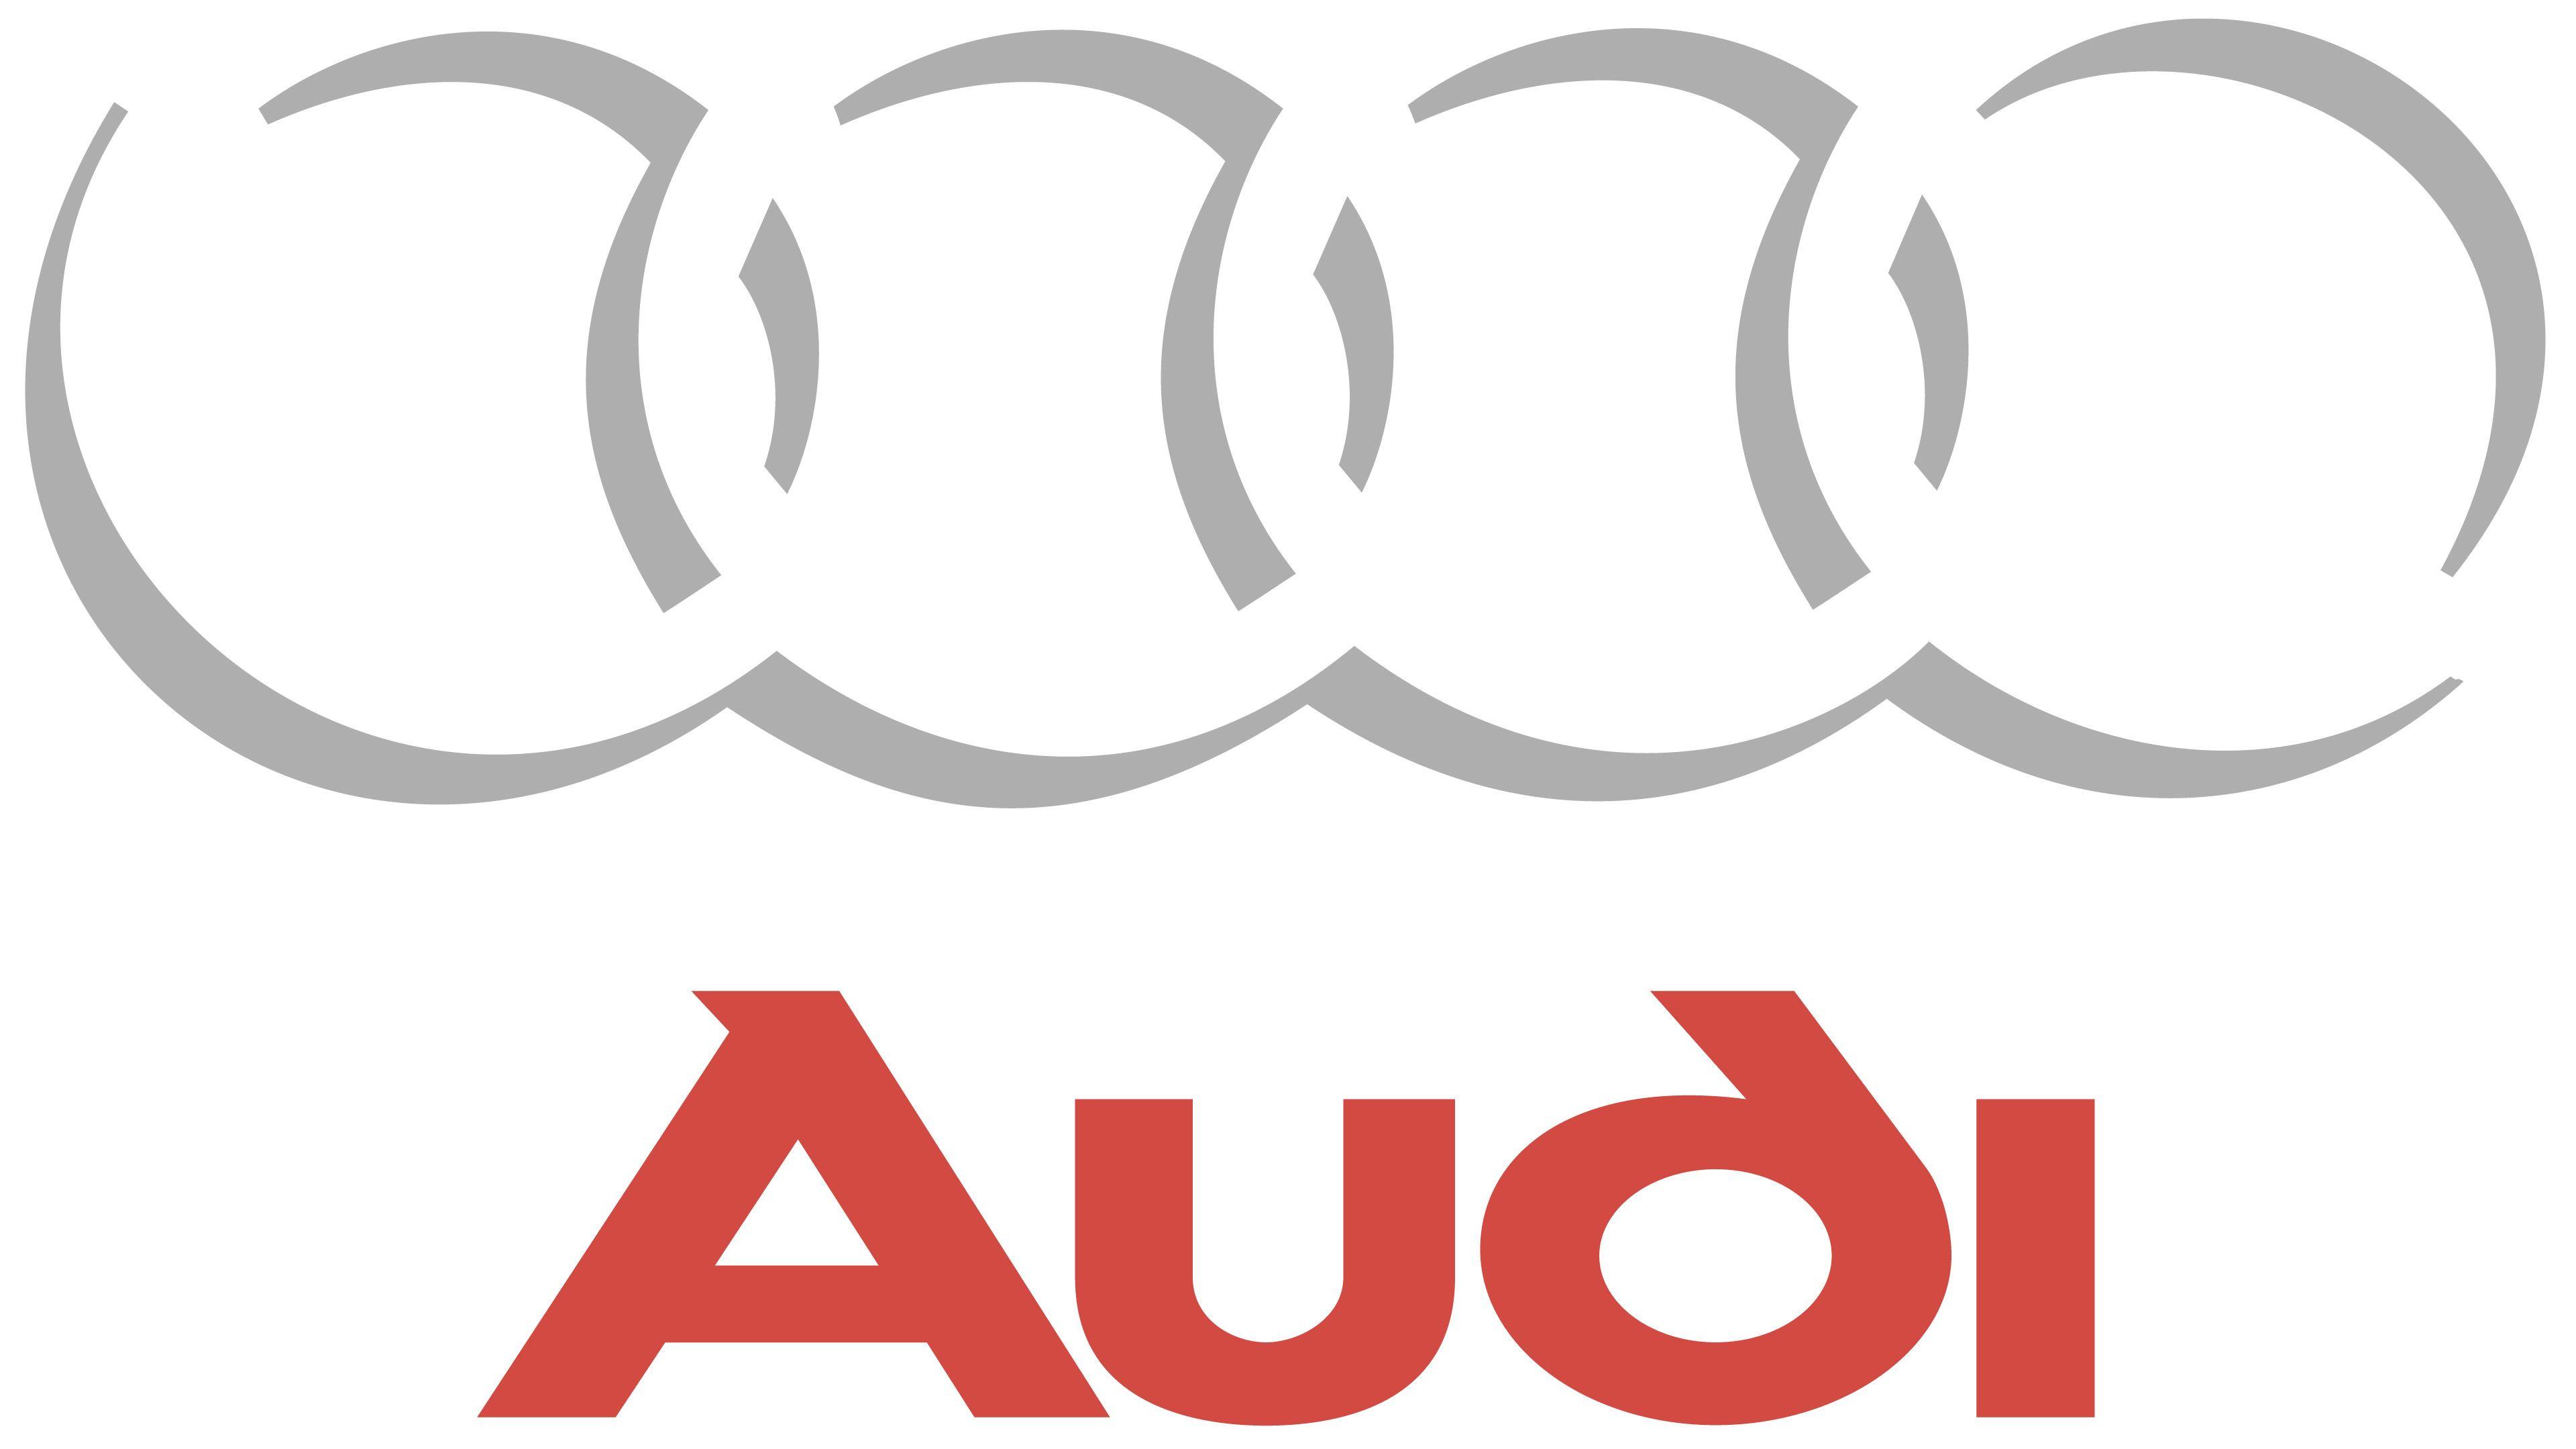 Symbol Audi Audi Volkswagen Emblem